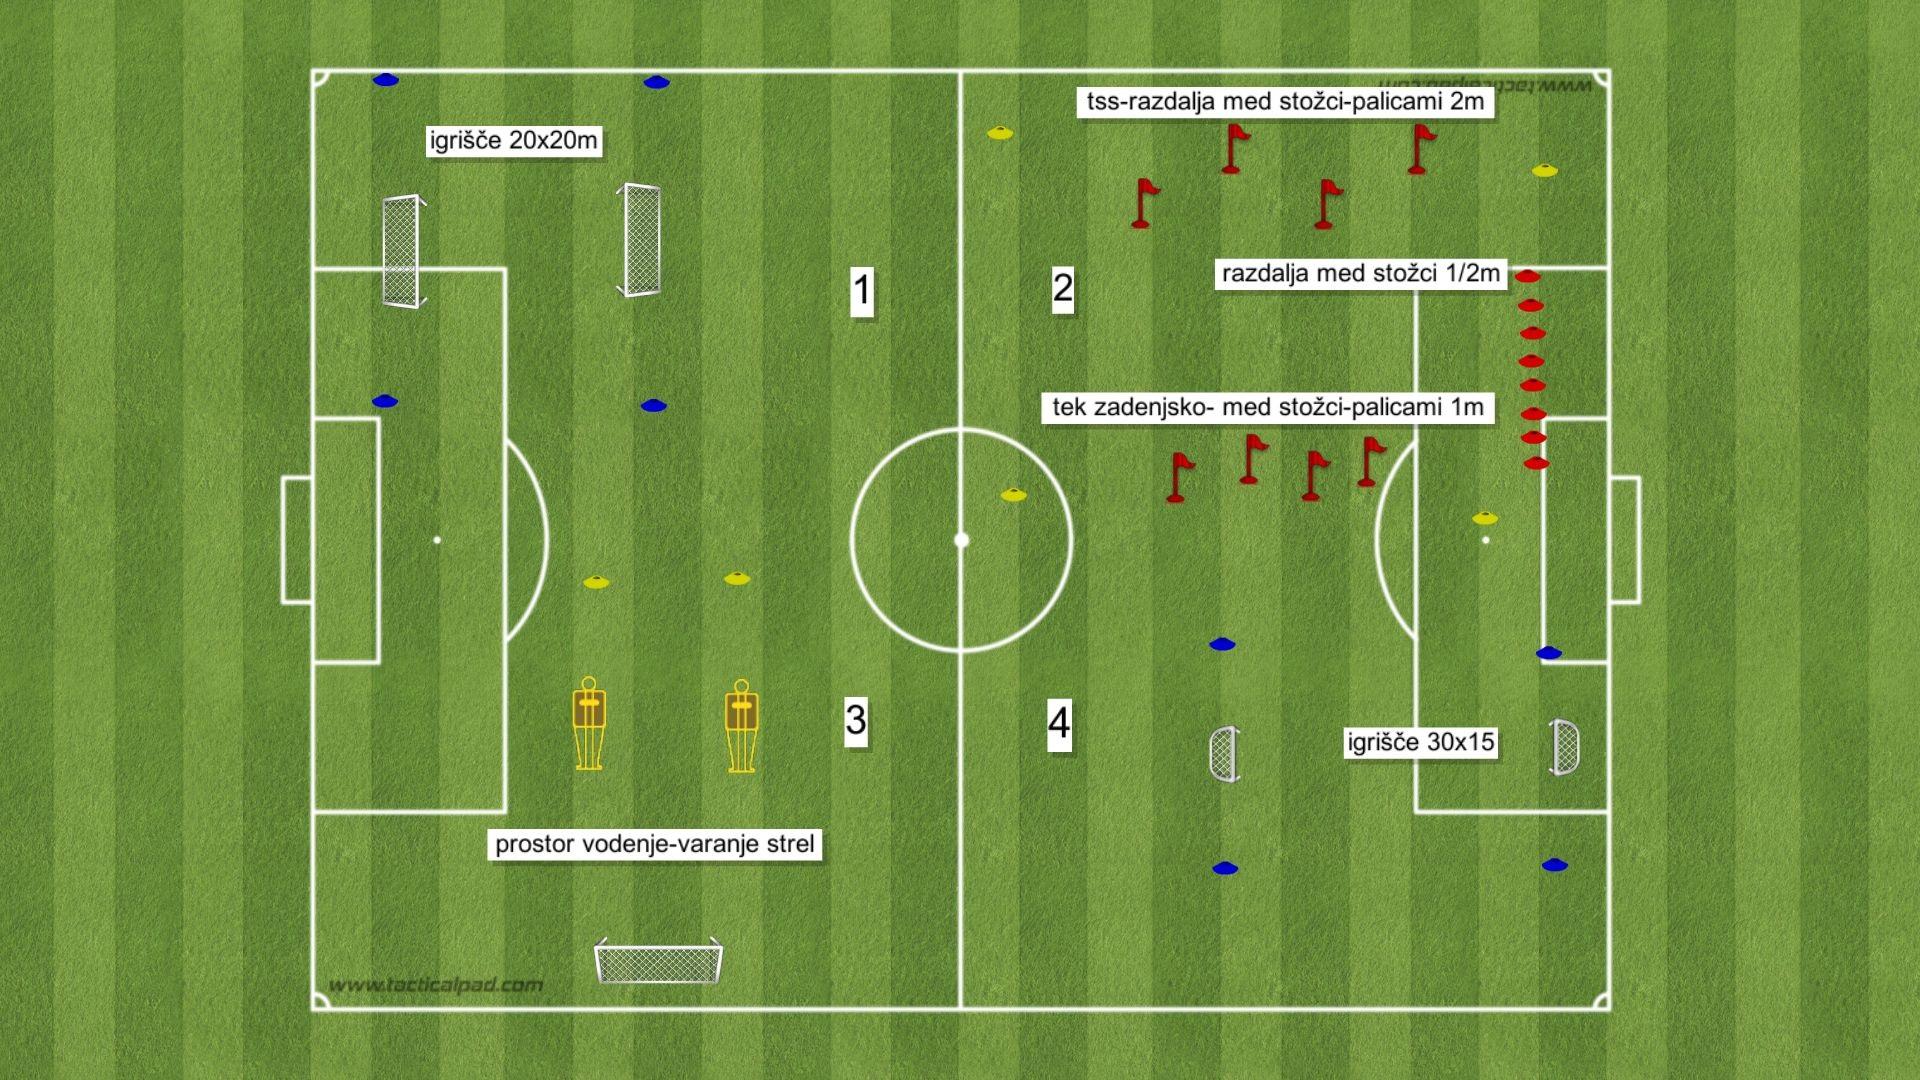 FORMACIJA_1 - akcija trenerjev februar 2021